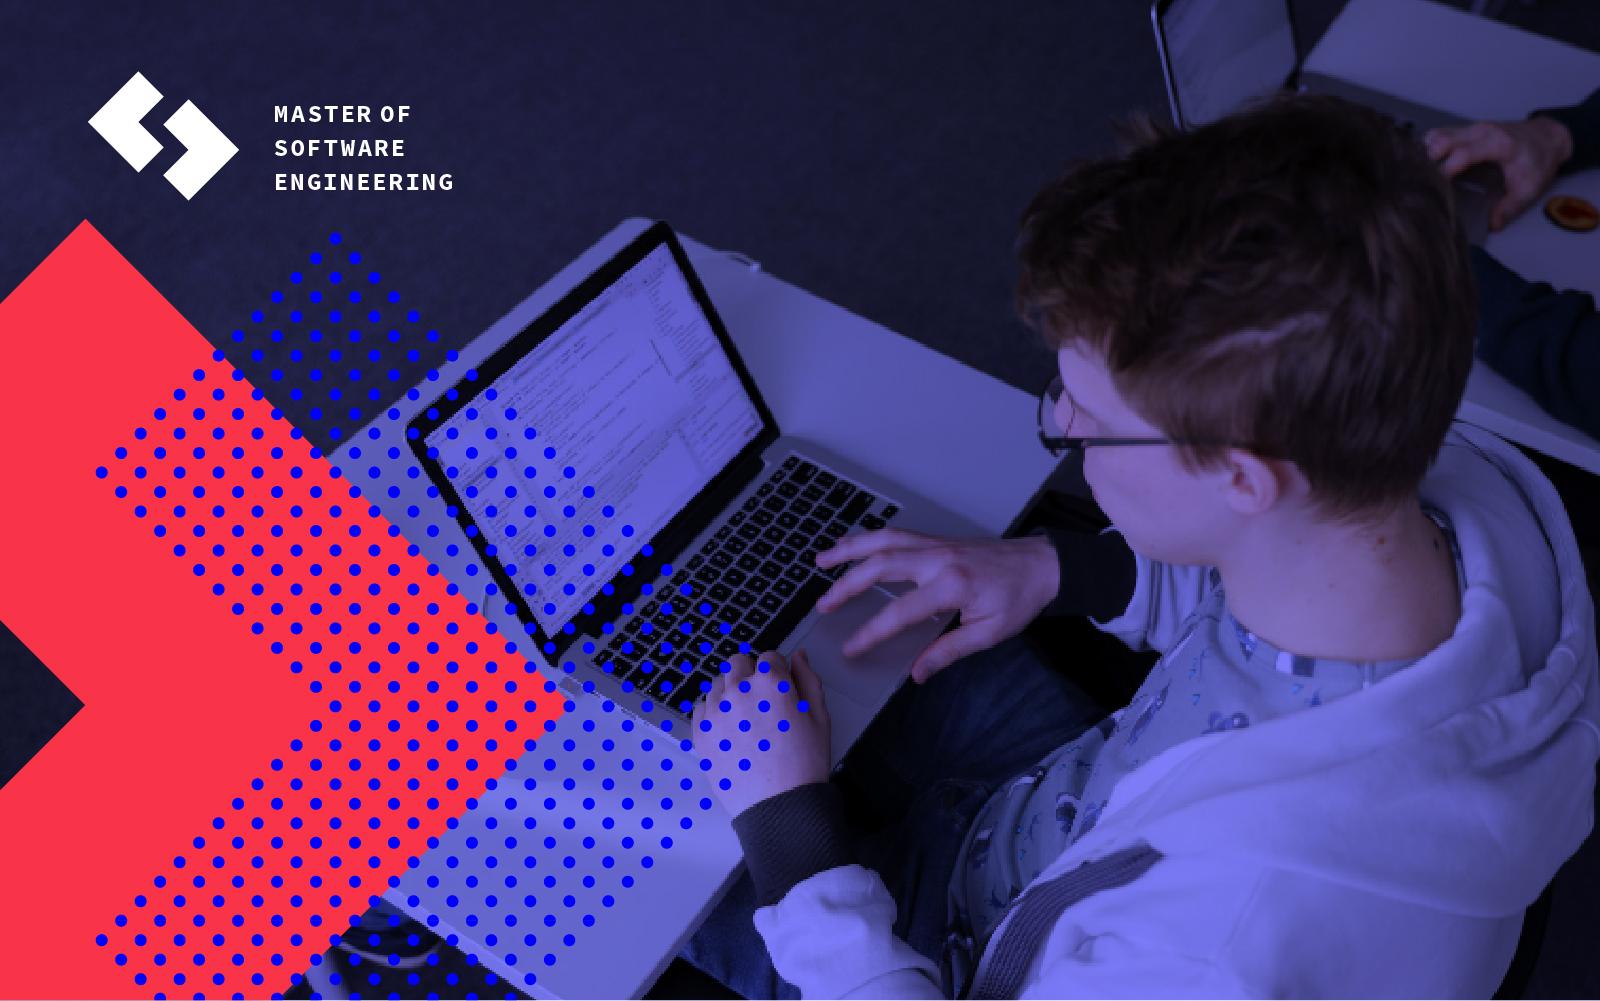 Из студентов в преподаватели: интервью с выпускниками магистерской программы JetBrains + ИТМО. Часть первая / Блог компании Образовательные проекты JetBrains / Хабр